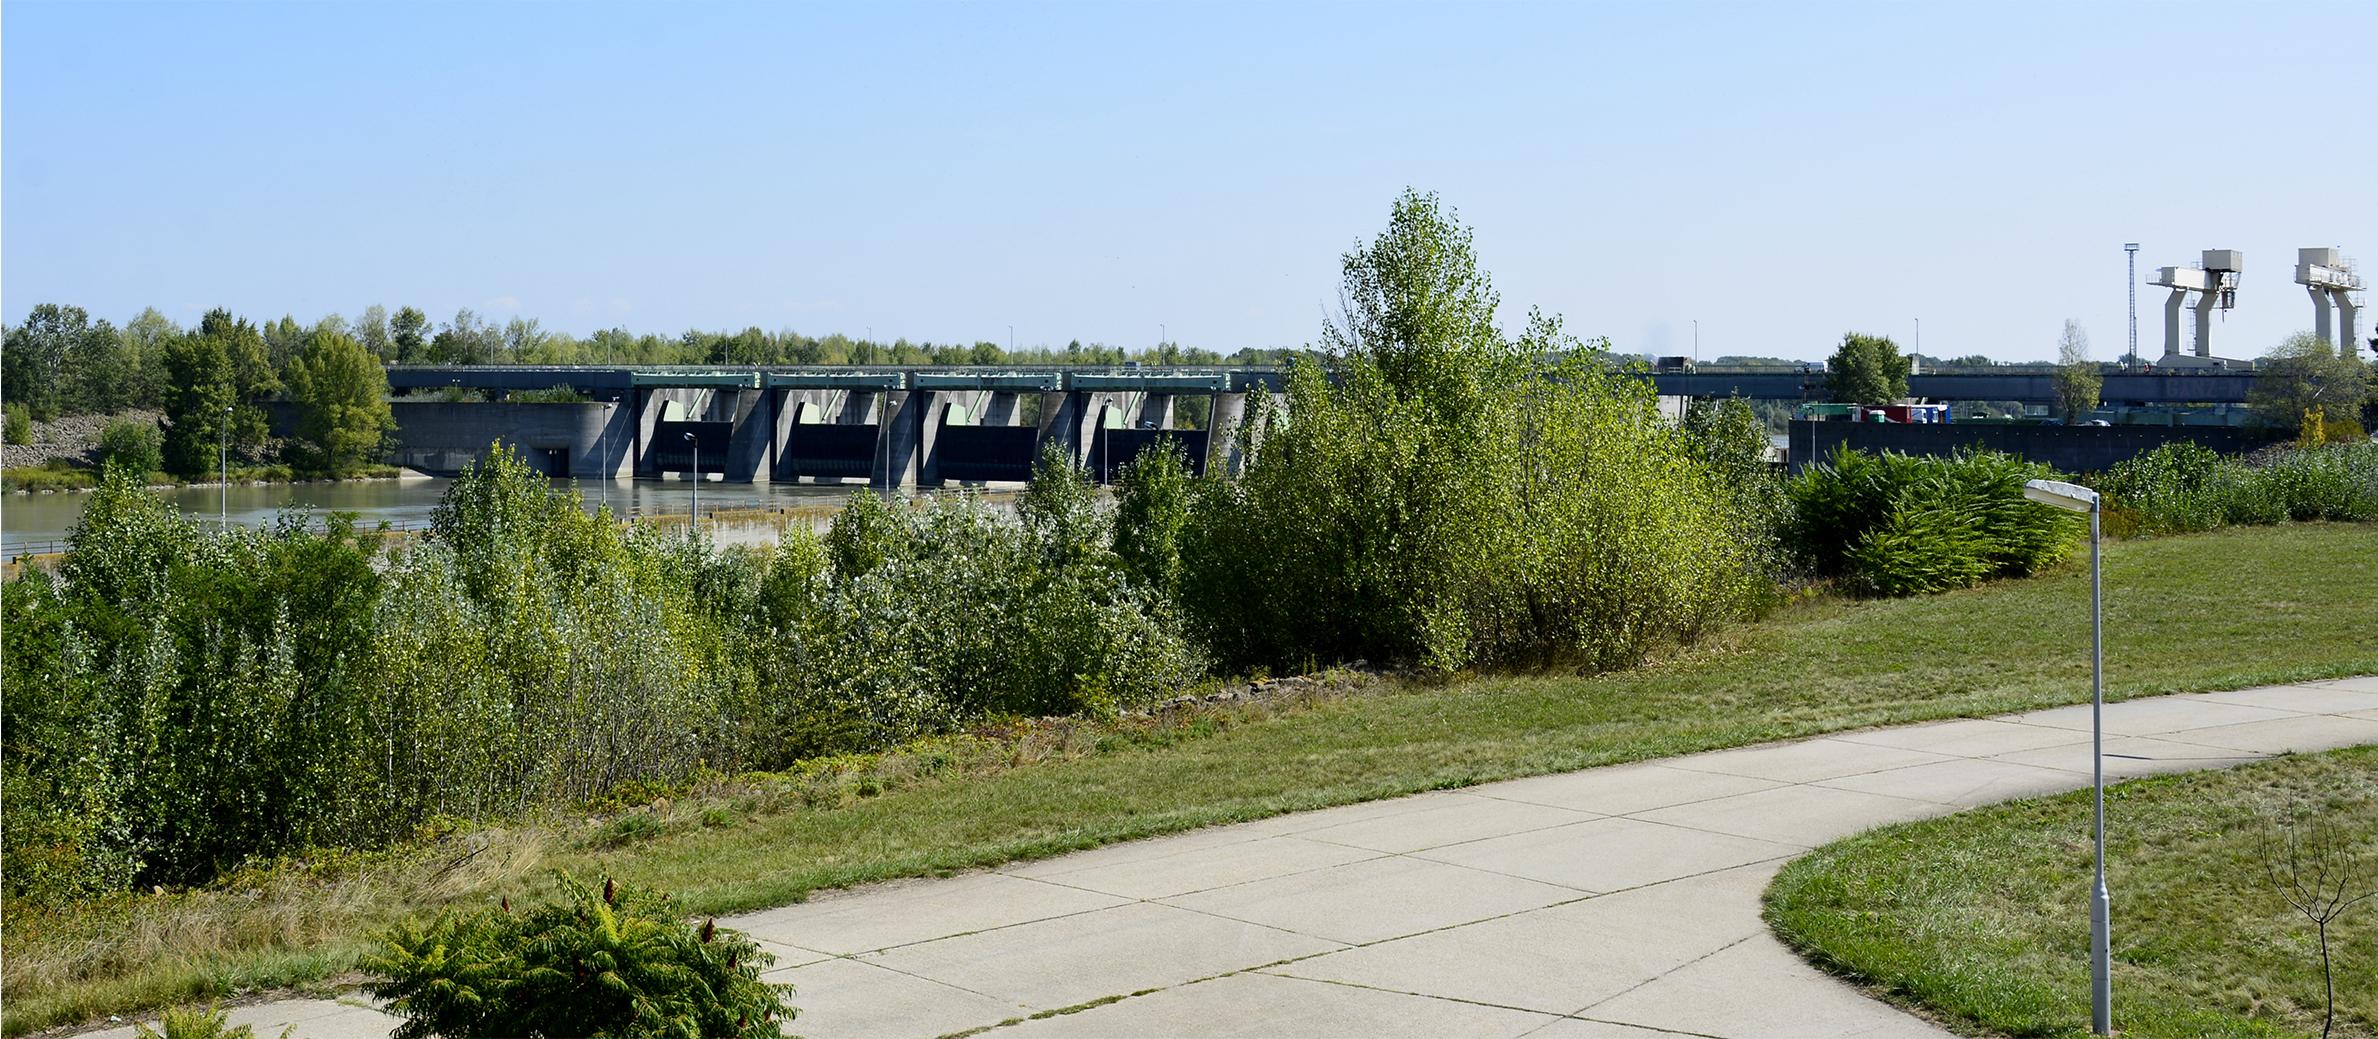 árvízvédelmi és vízvédelmi fejlesztés projektnyitó Dunakilitin